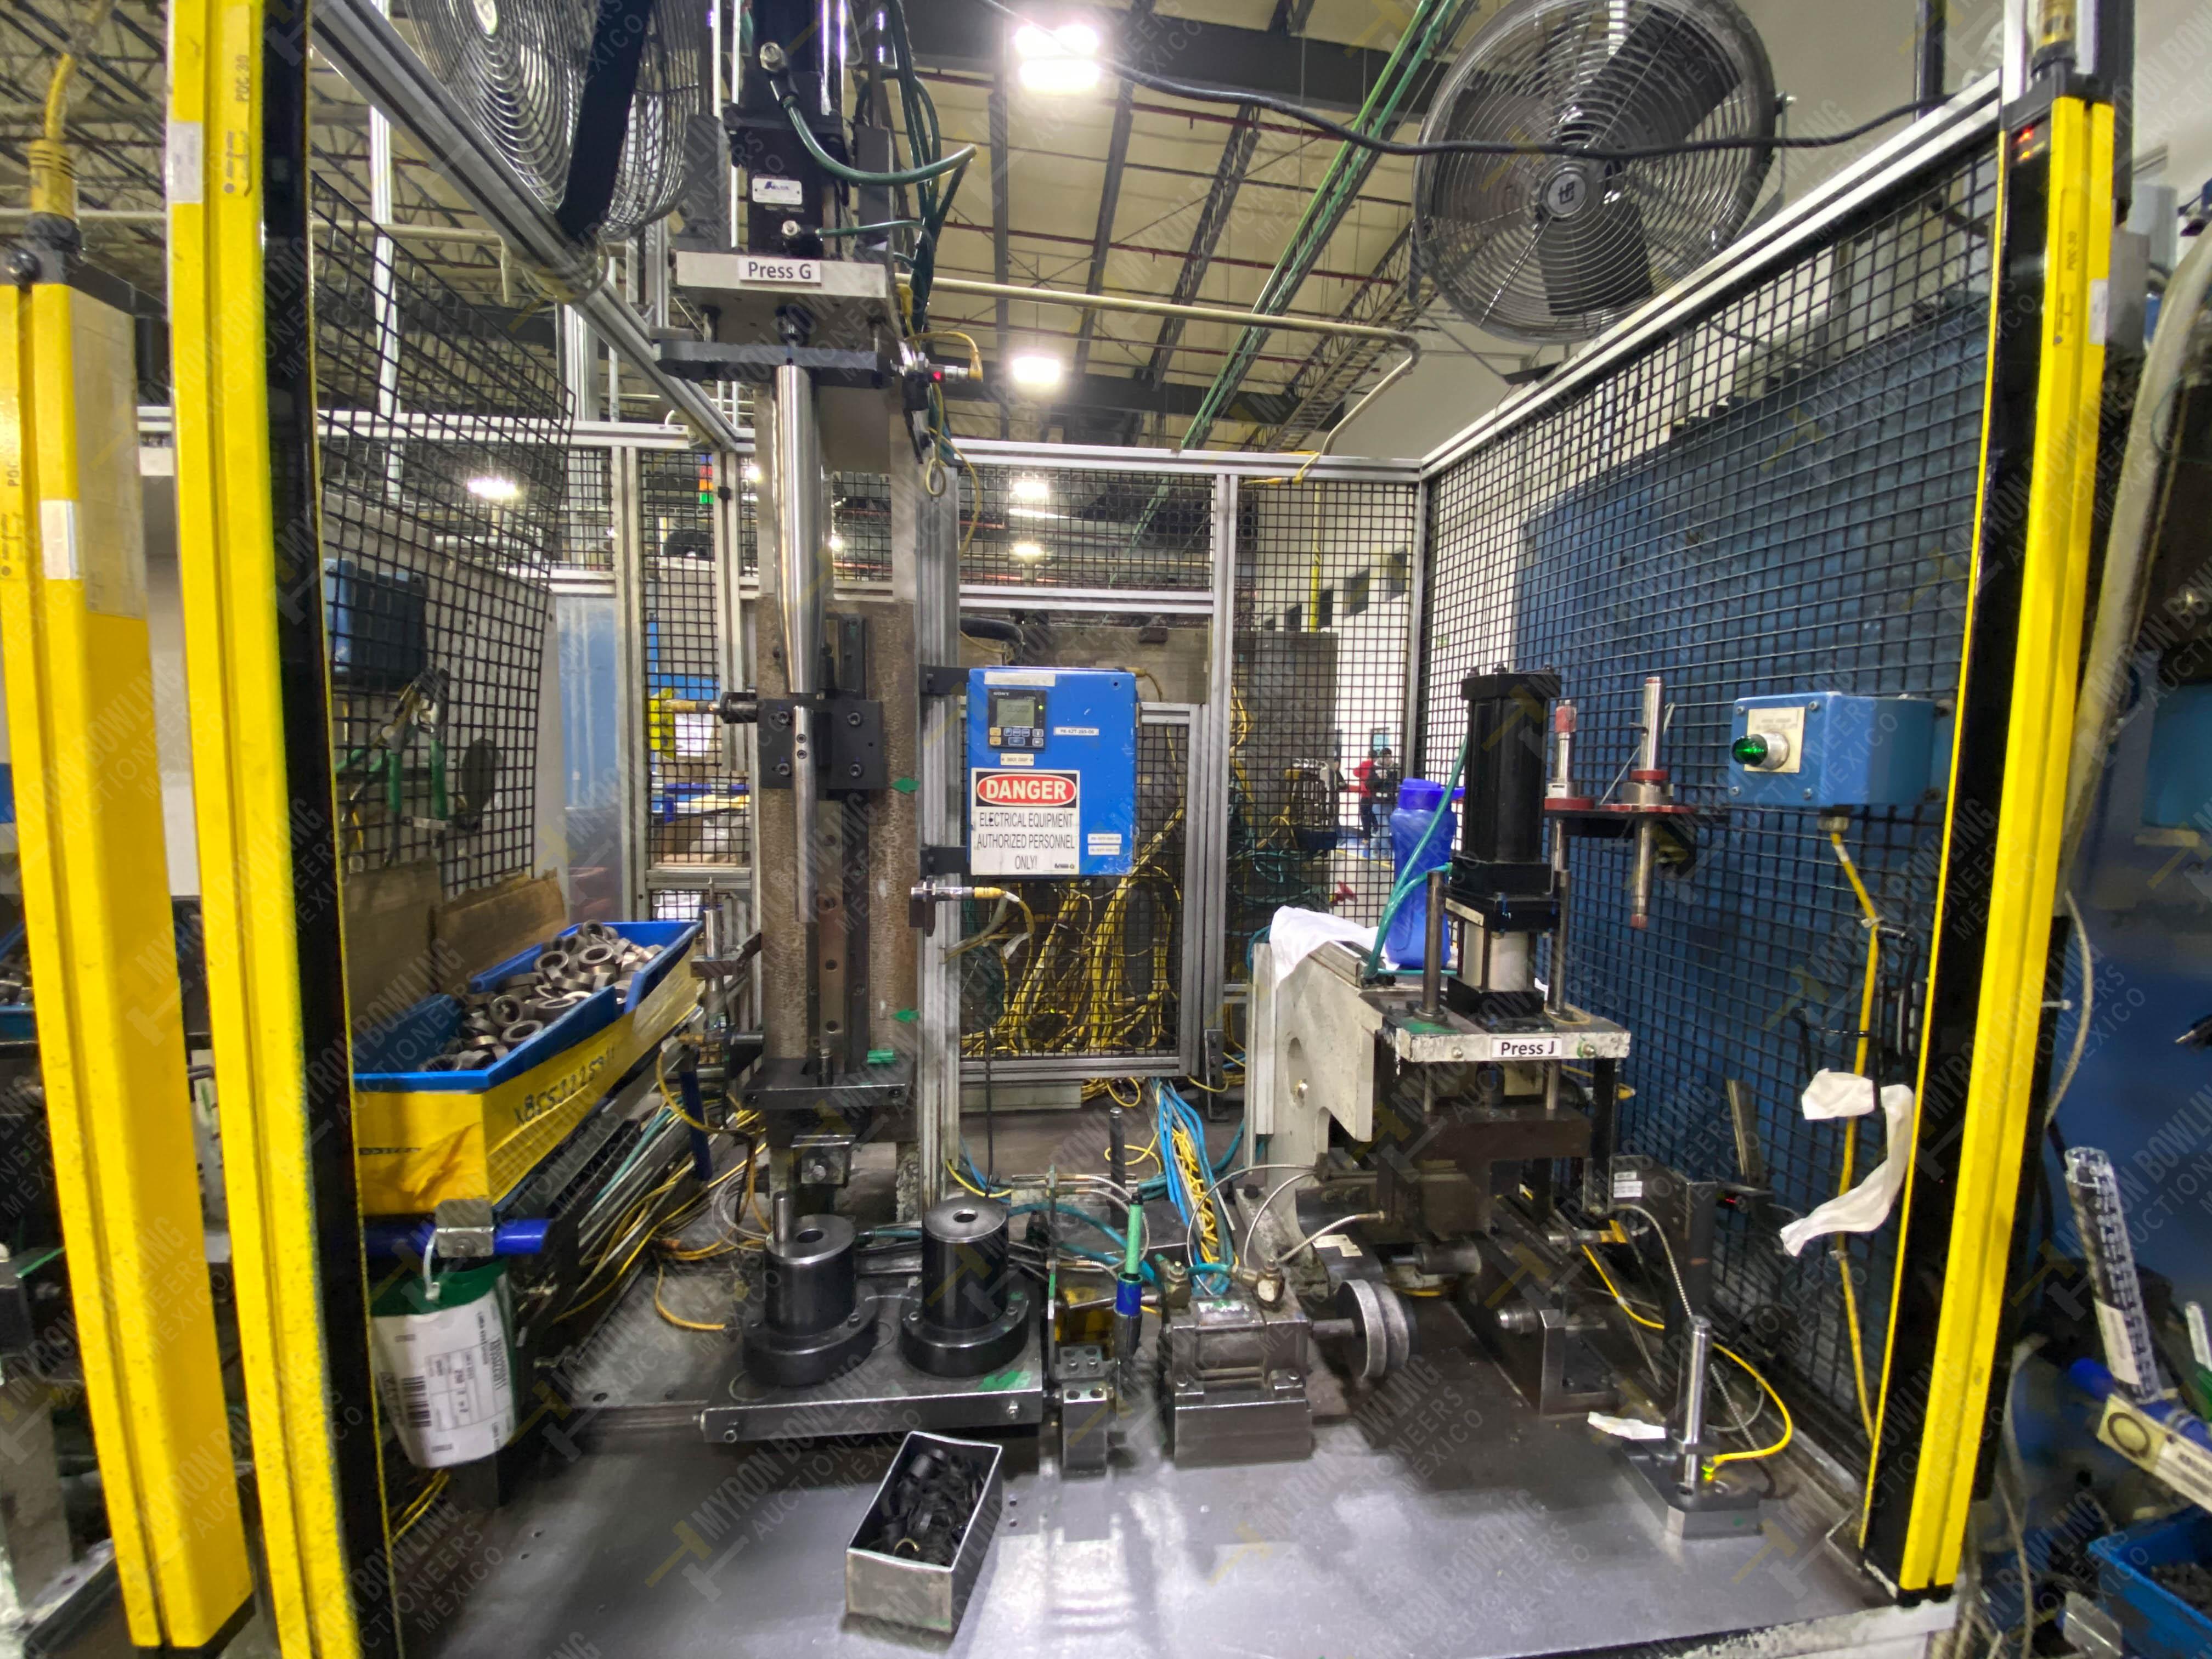 Estación semiautomática para operación 265A y 265B de ensamble de resorte, candado y ponchado - Image 4 of 30